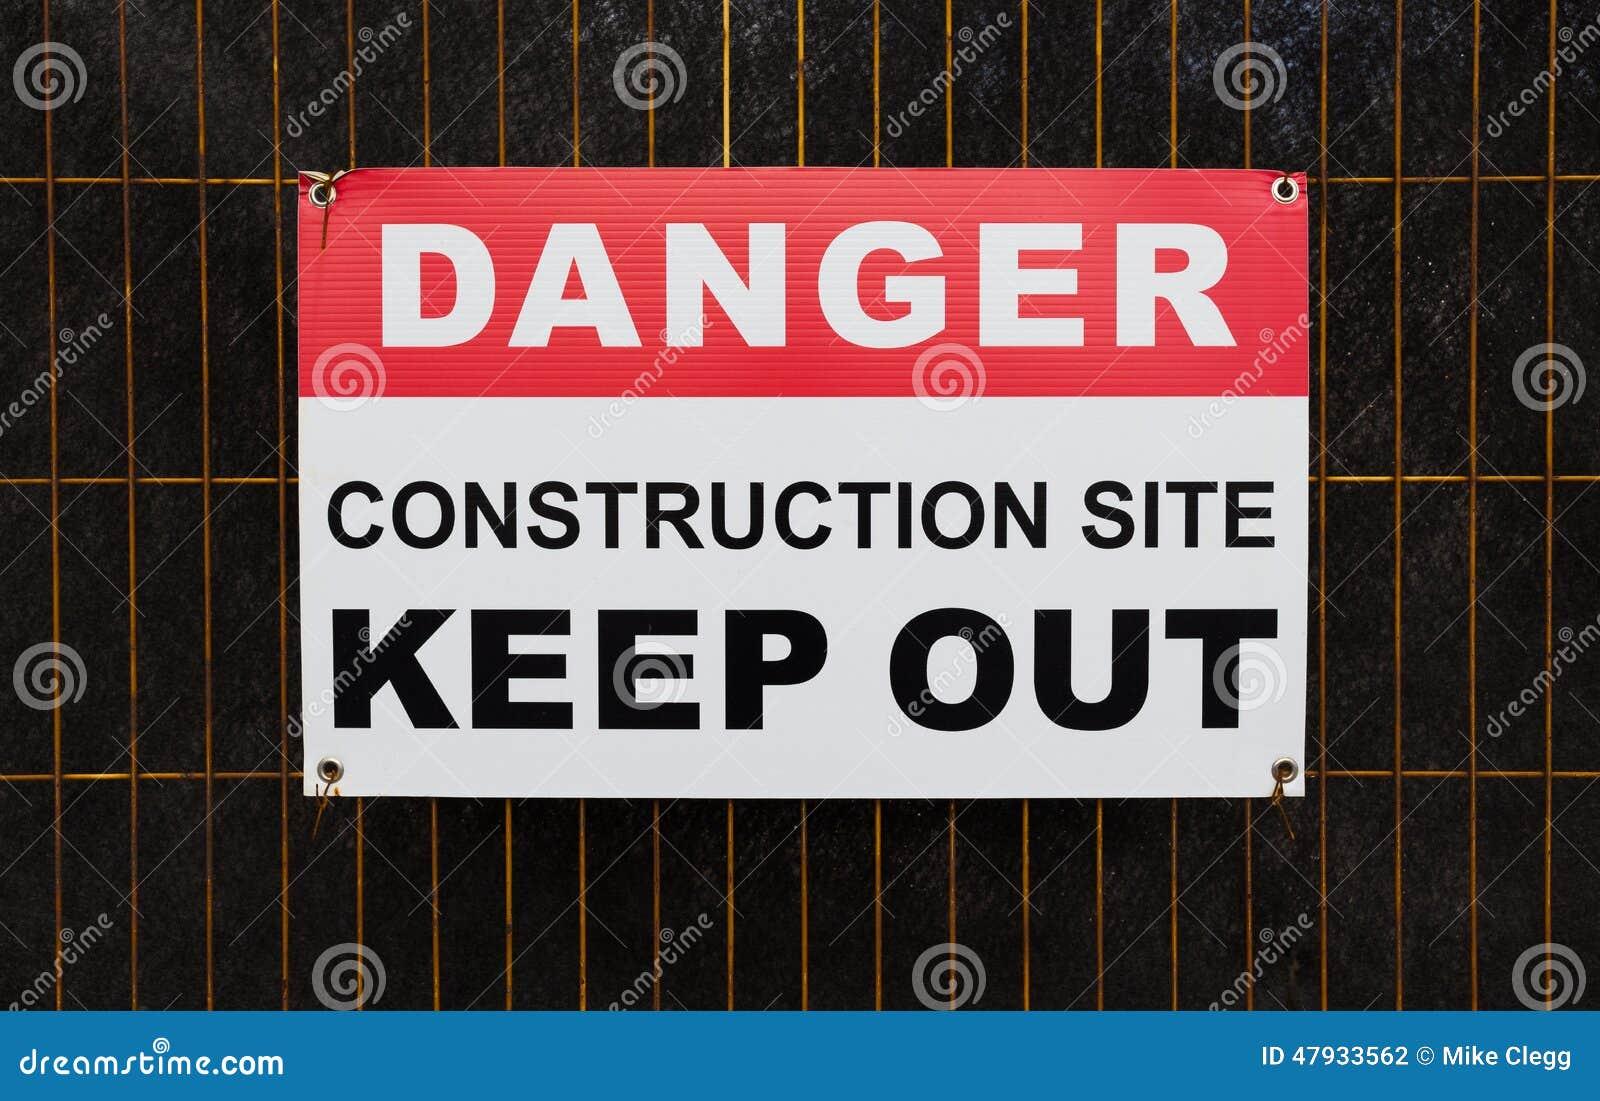 危险建造场所把标志关在外面